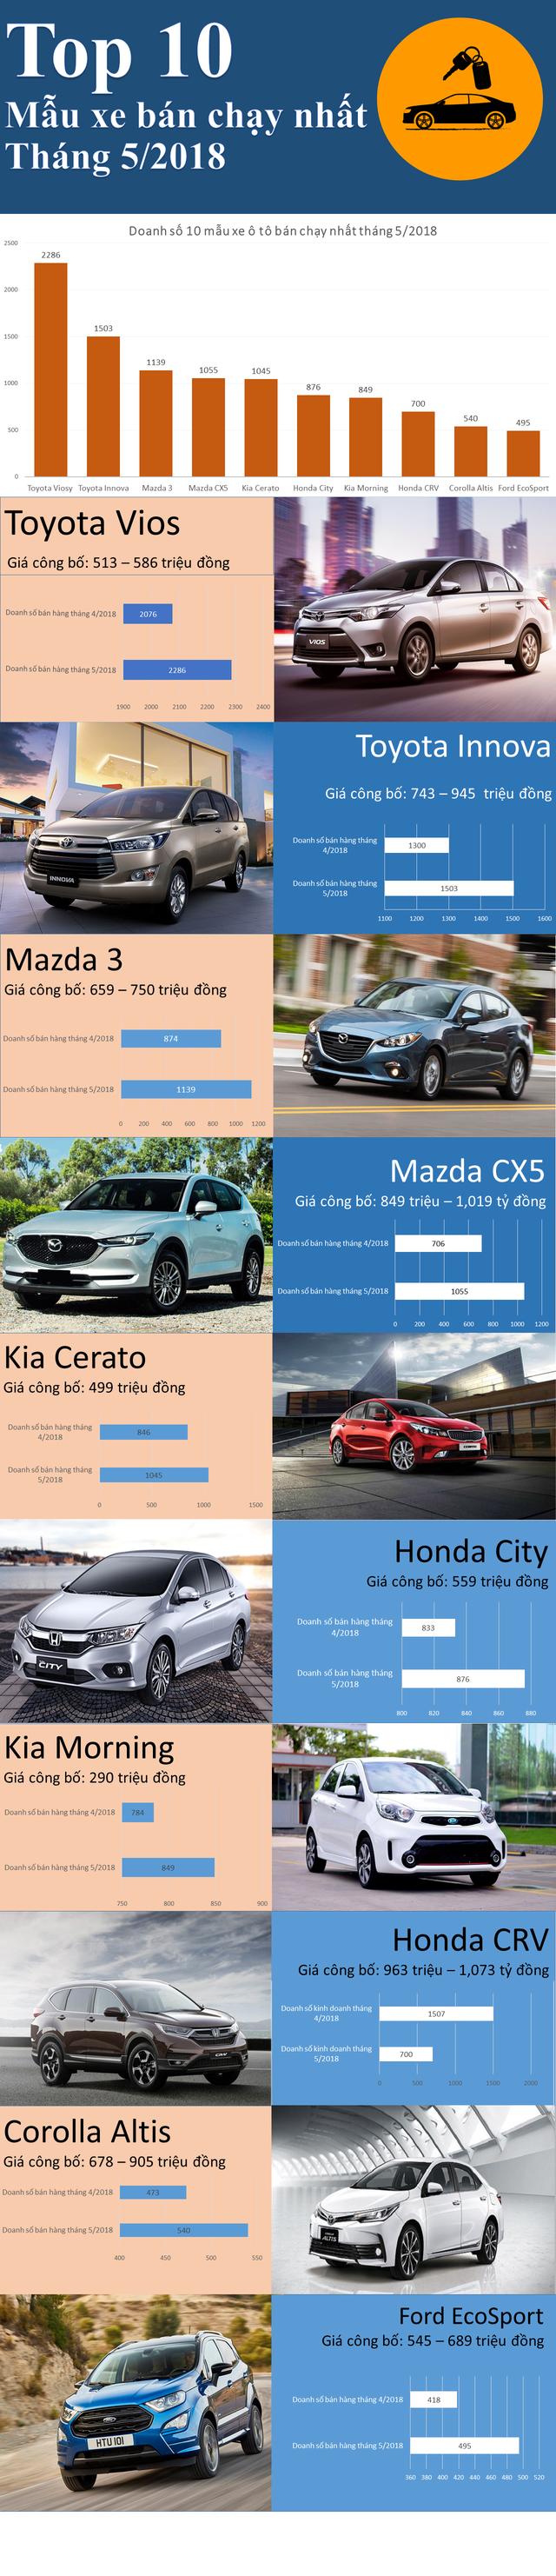 10 mẫu xe bán chạy nhất tháng 5/2018: Xe nội vẫn át vía xe nhập khẩu - Ảnh 1.